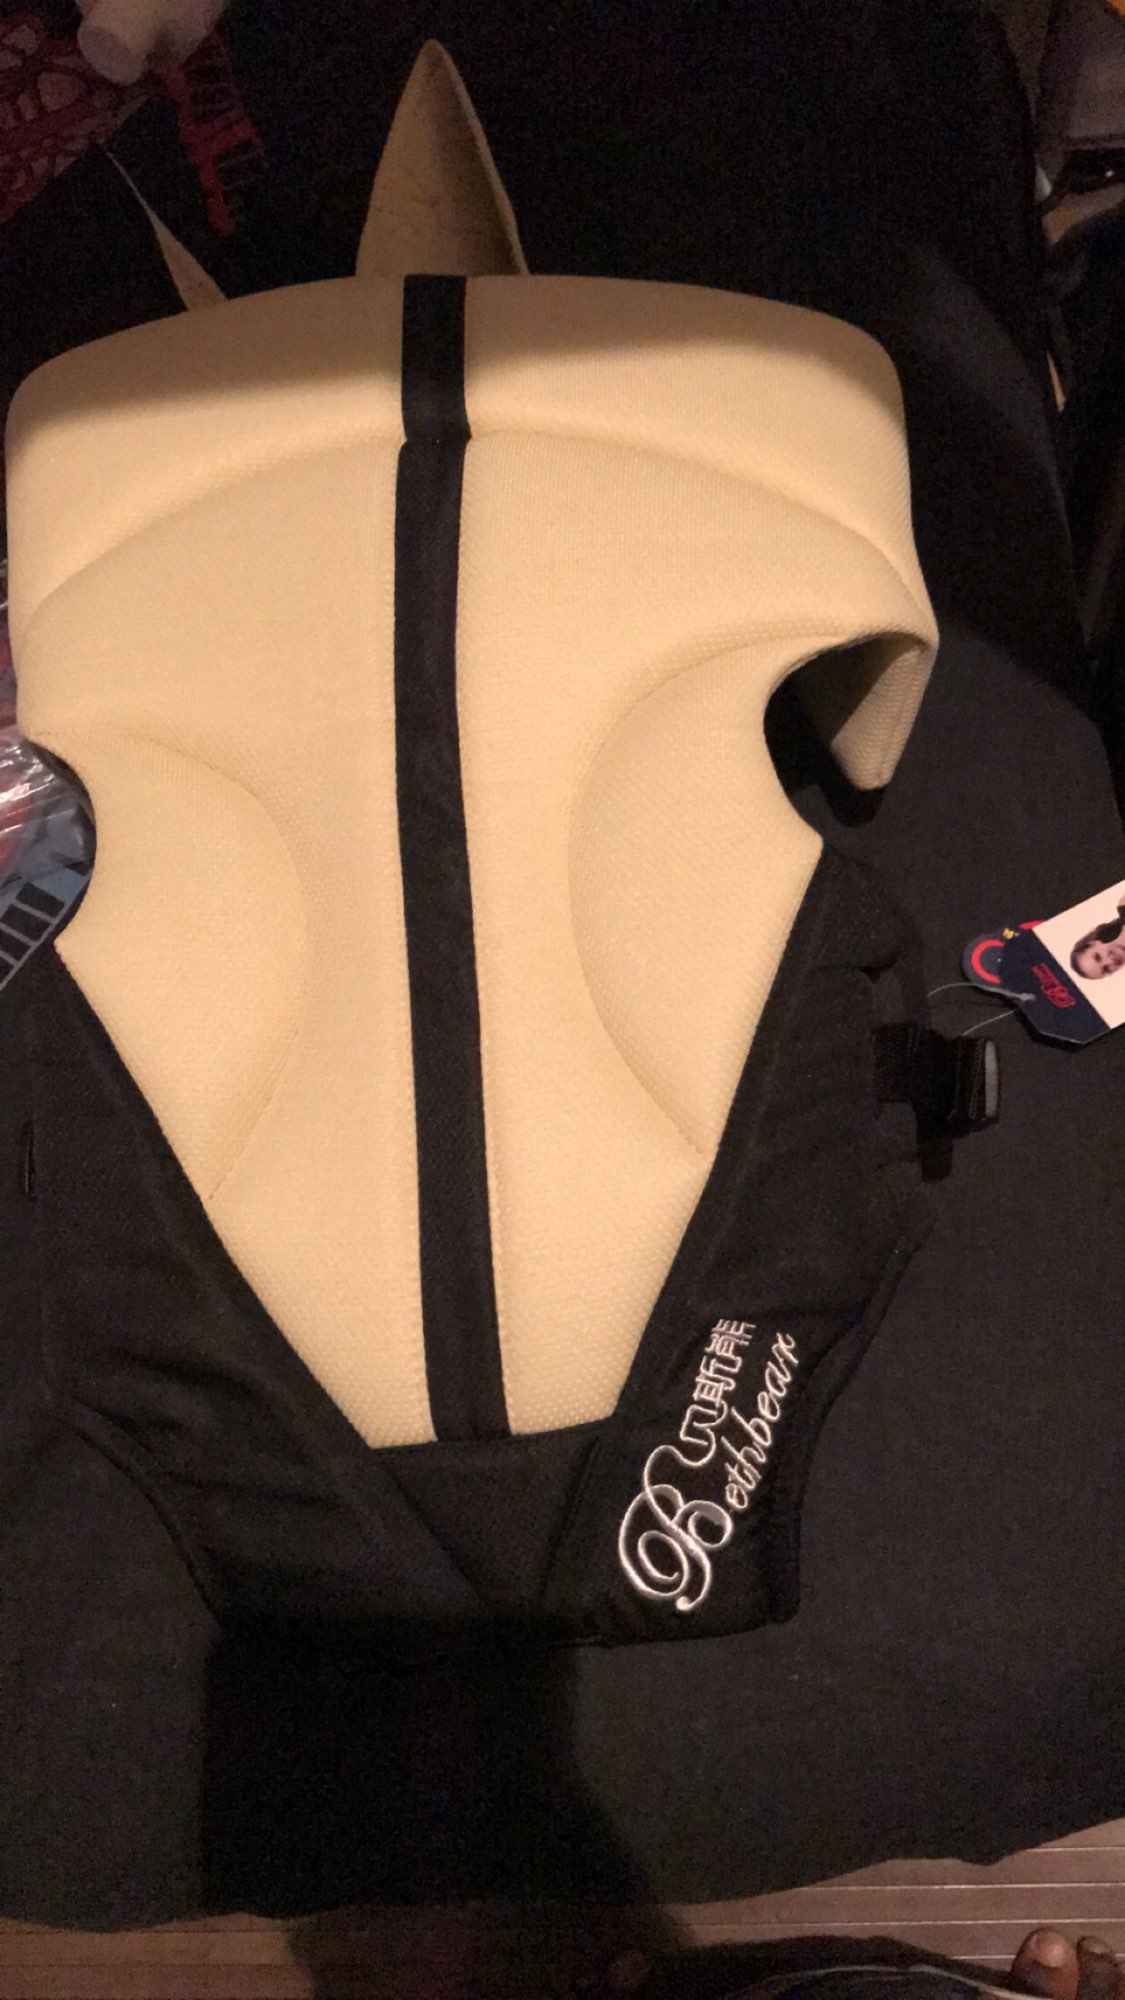 0 24 Months Baby Backpack Sling Fashion Mummy Kangaroo Wrap Bag Ergonomic Multifunctional Baby Carrier|multifunction baby carrier|baby carrierkangaroo wrap - AliExpress